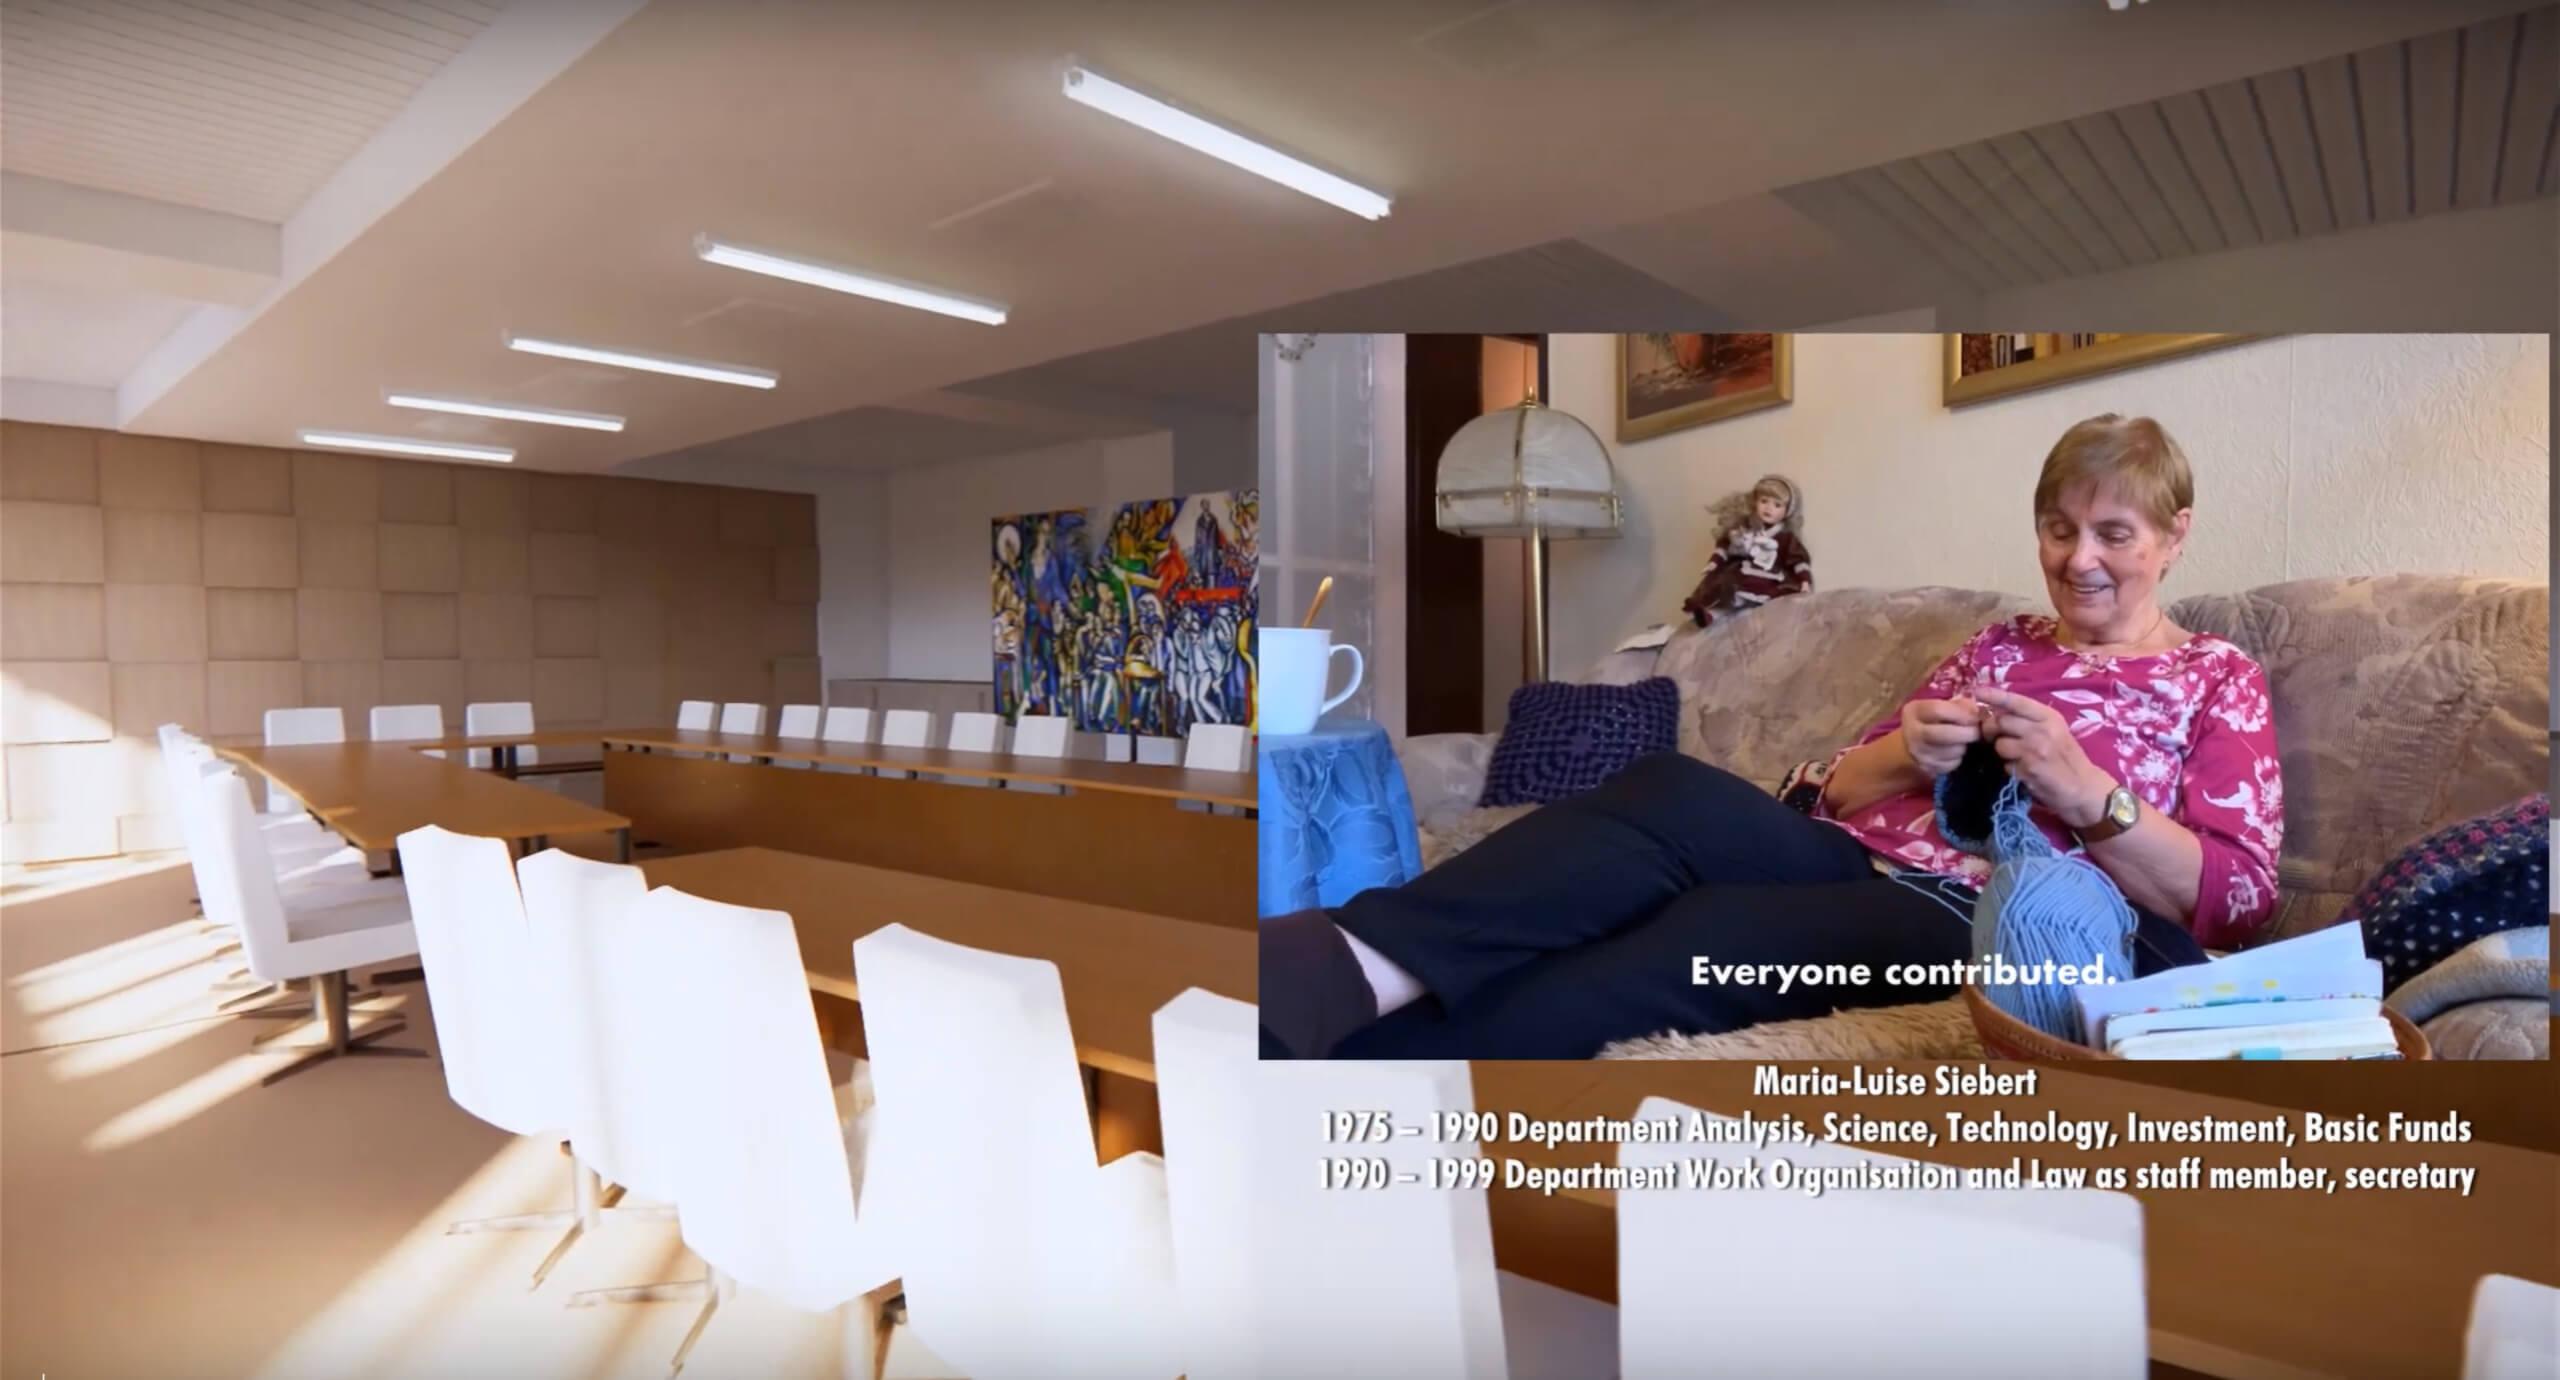 HdS-Ausstellung_Statistiker sind die letzten Romantiker_April 2021_Sitzungssaal_Screenshot 2